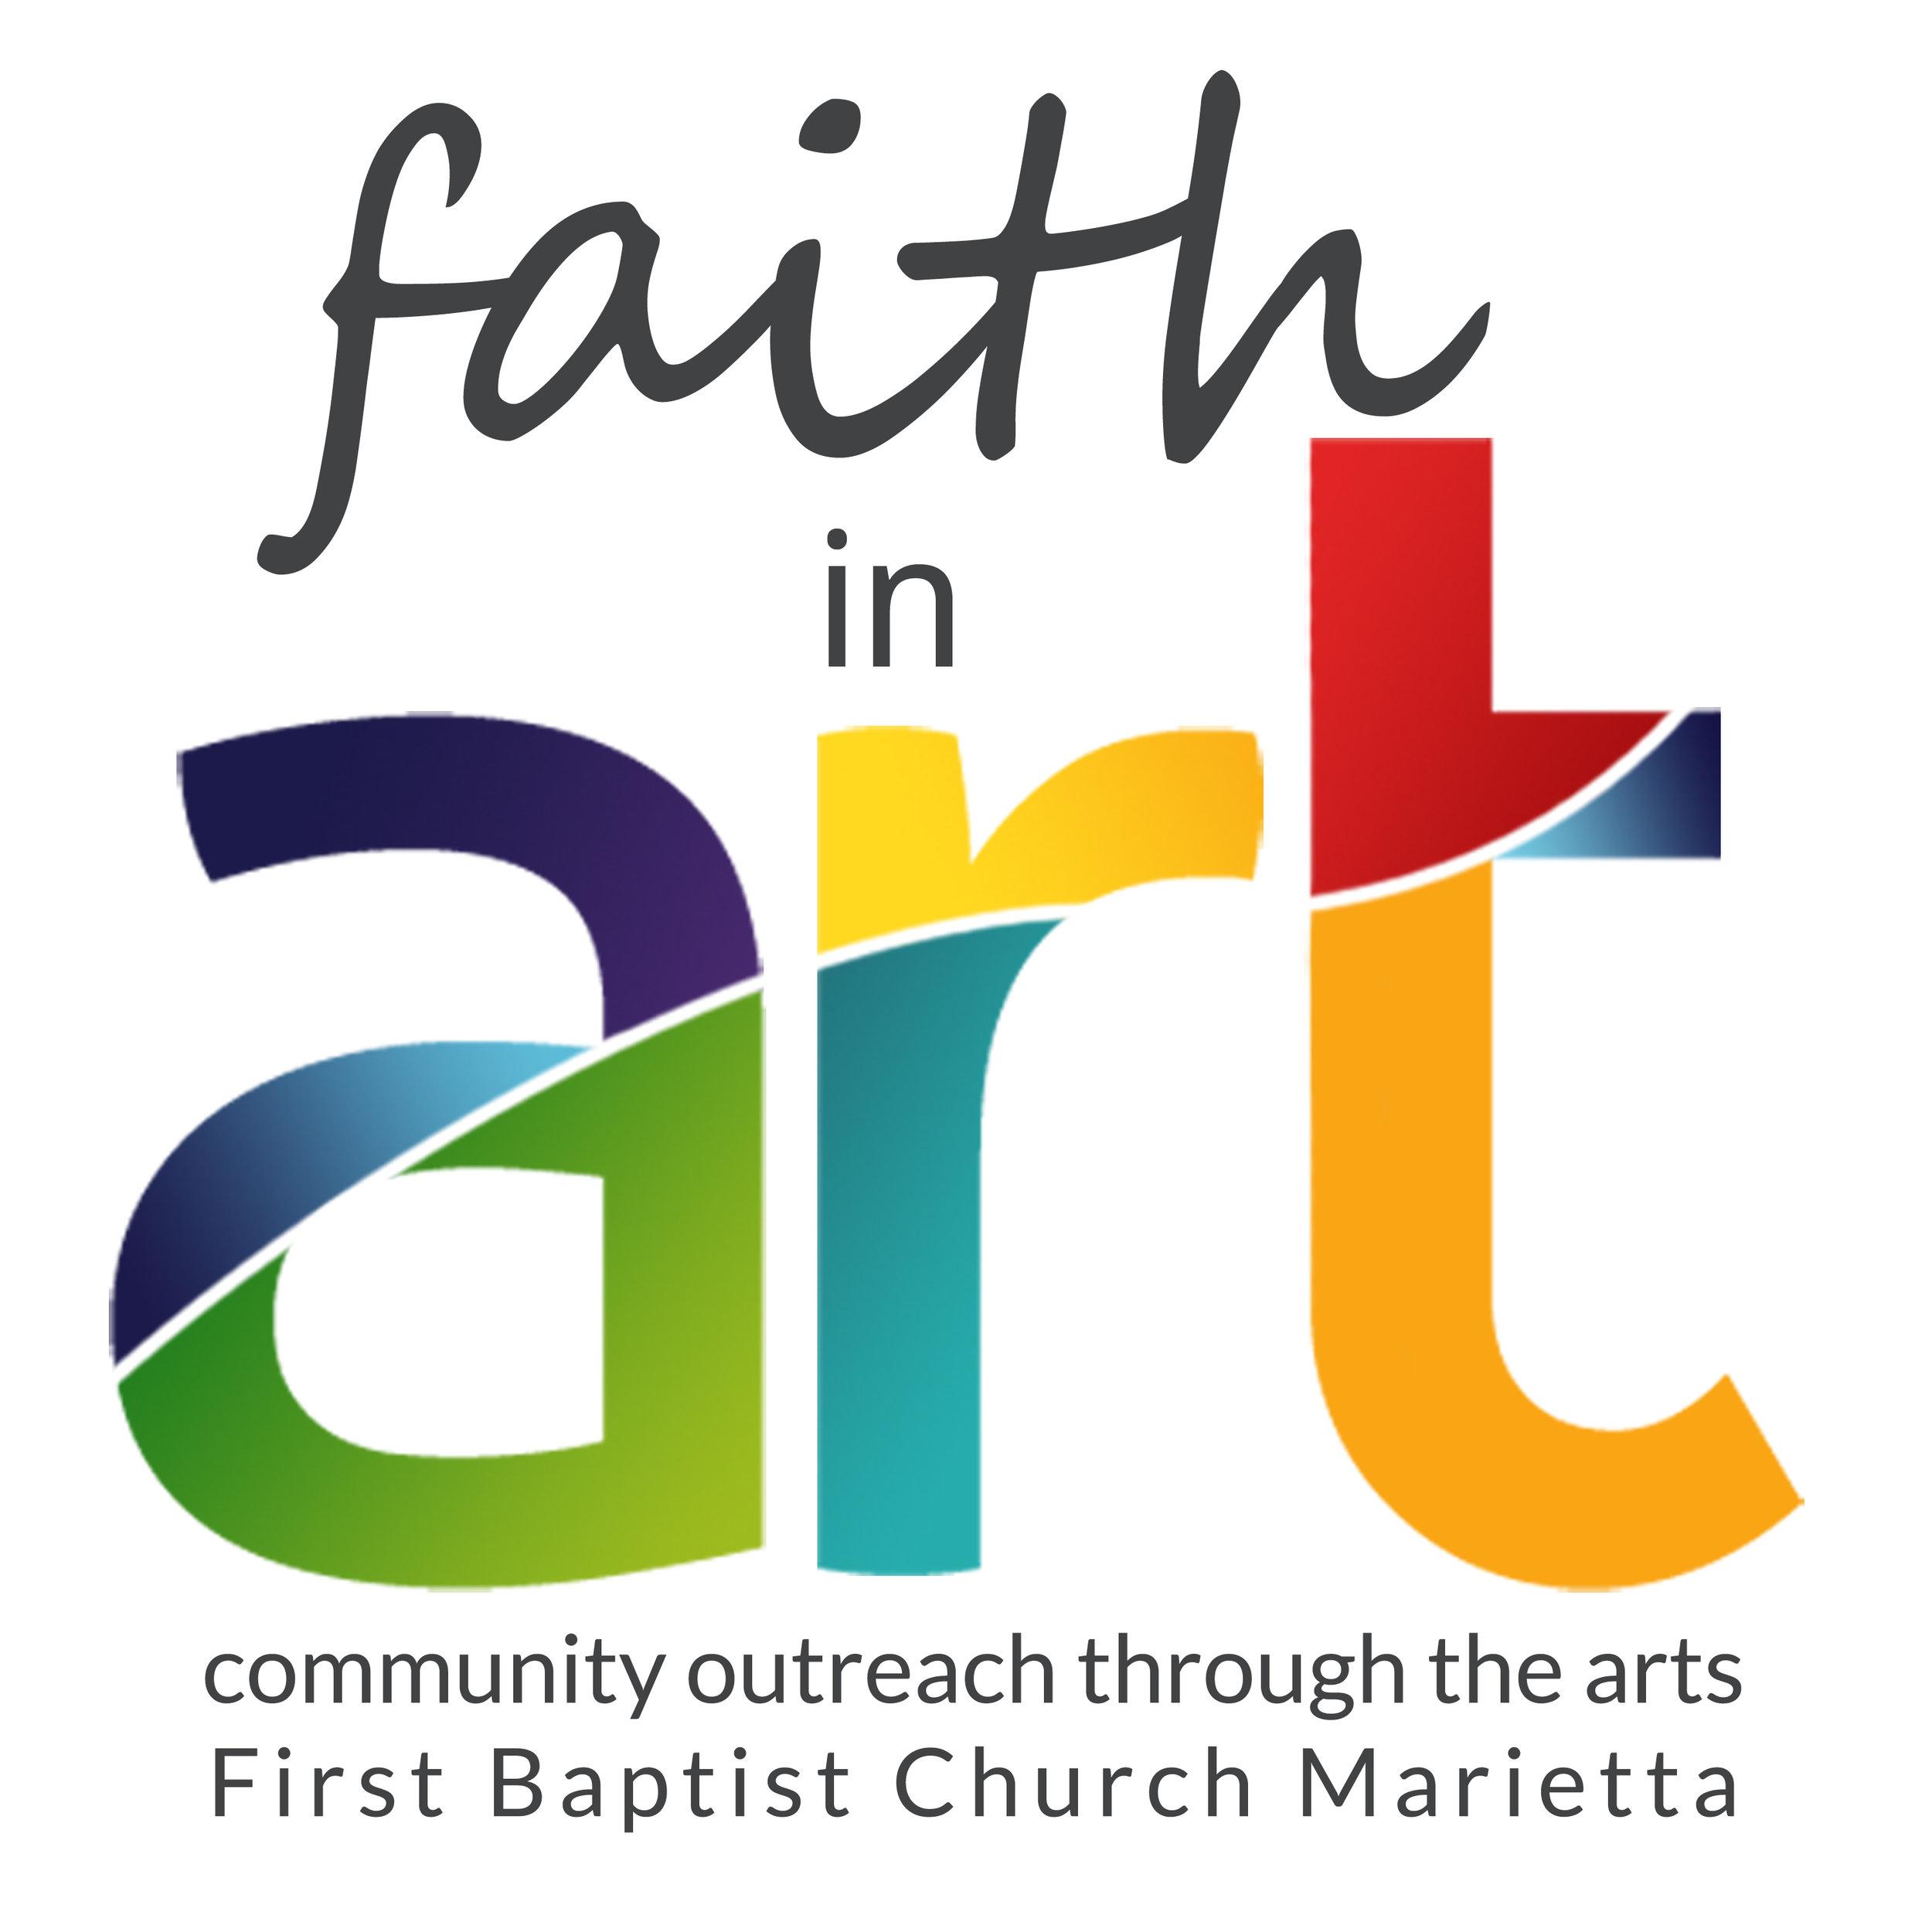 faith-in-art-logo-large.jpg